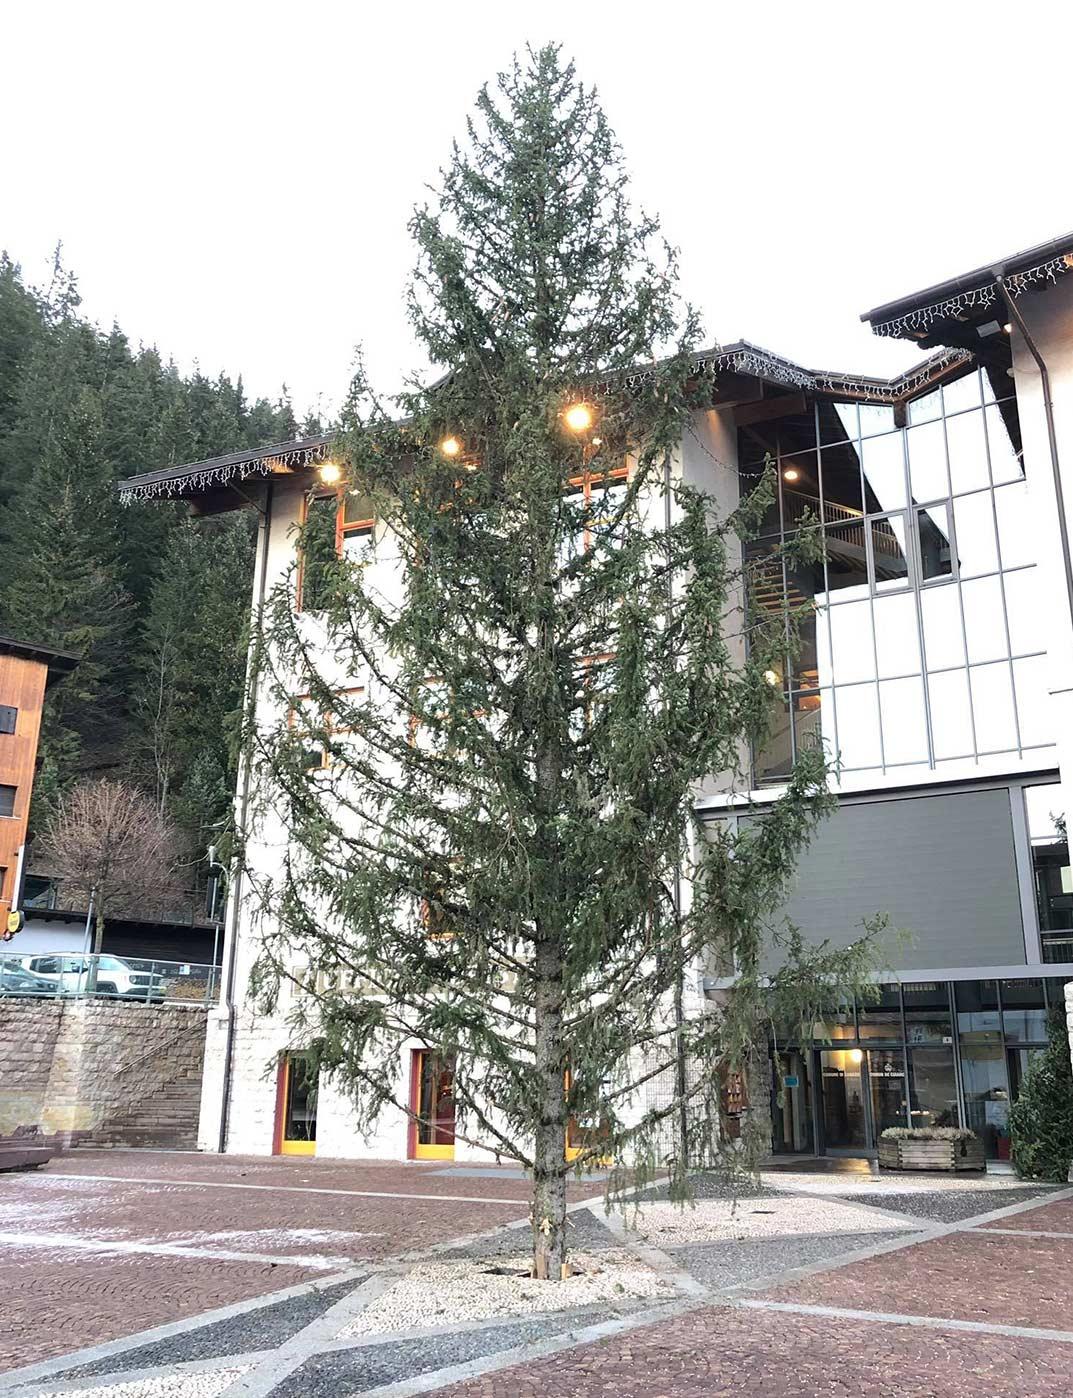 L'albero di Natale di Canazei, come monito contro il dissesto idrogeologico